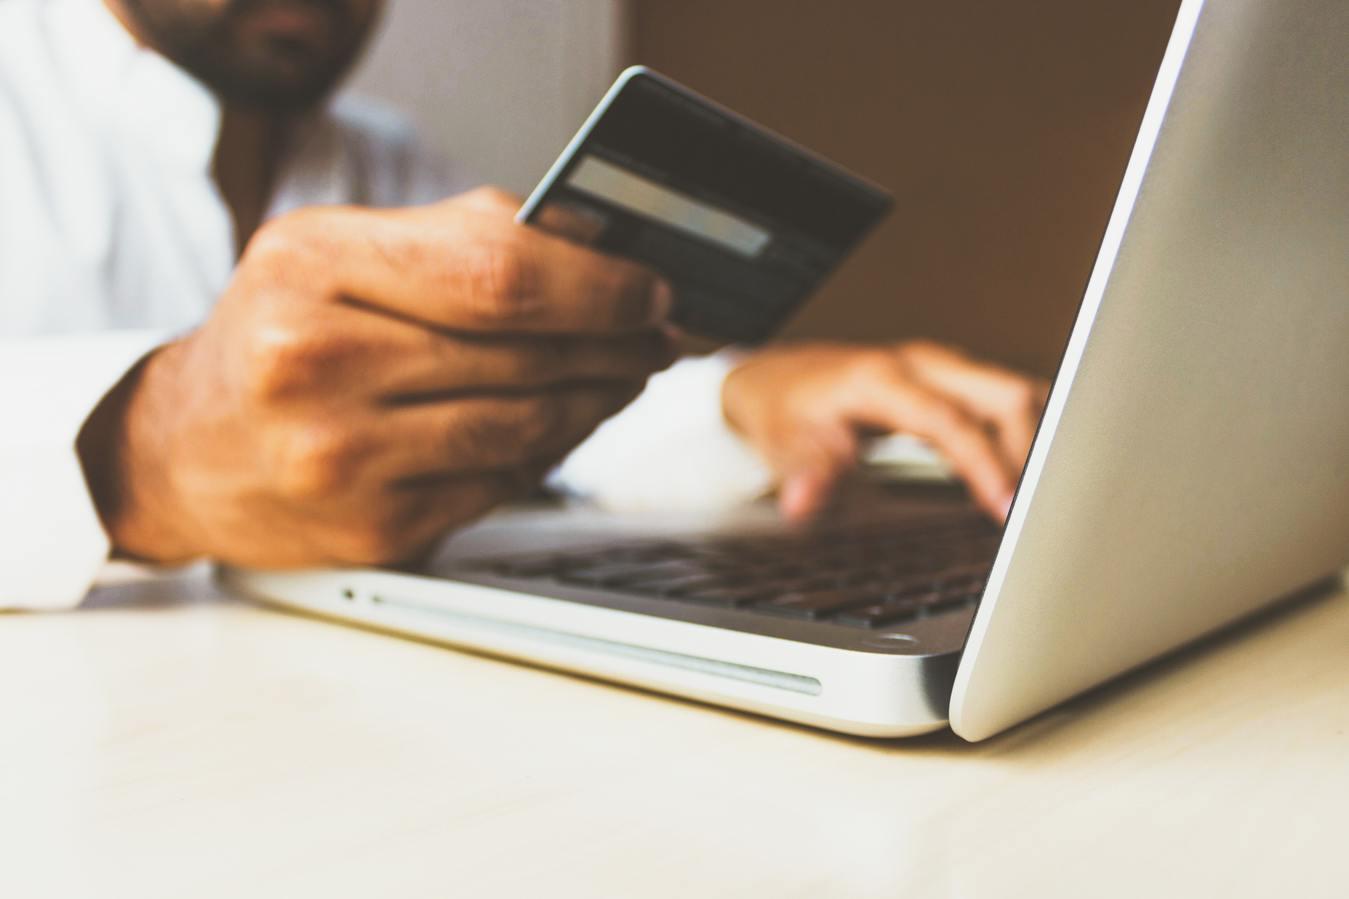 transaksi online menggunakan kartu